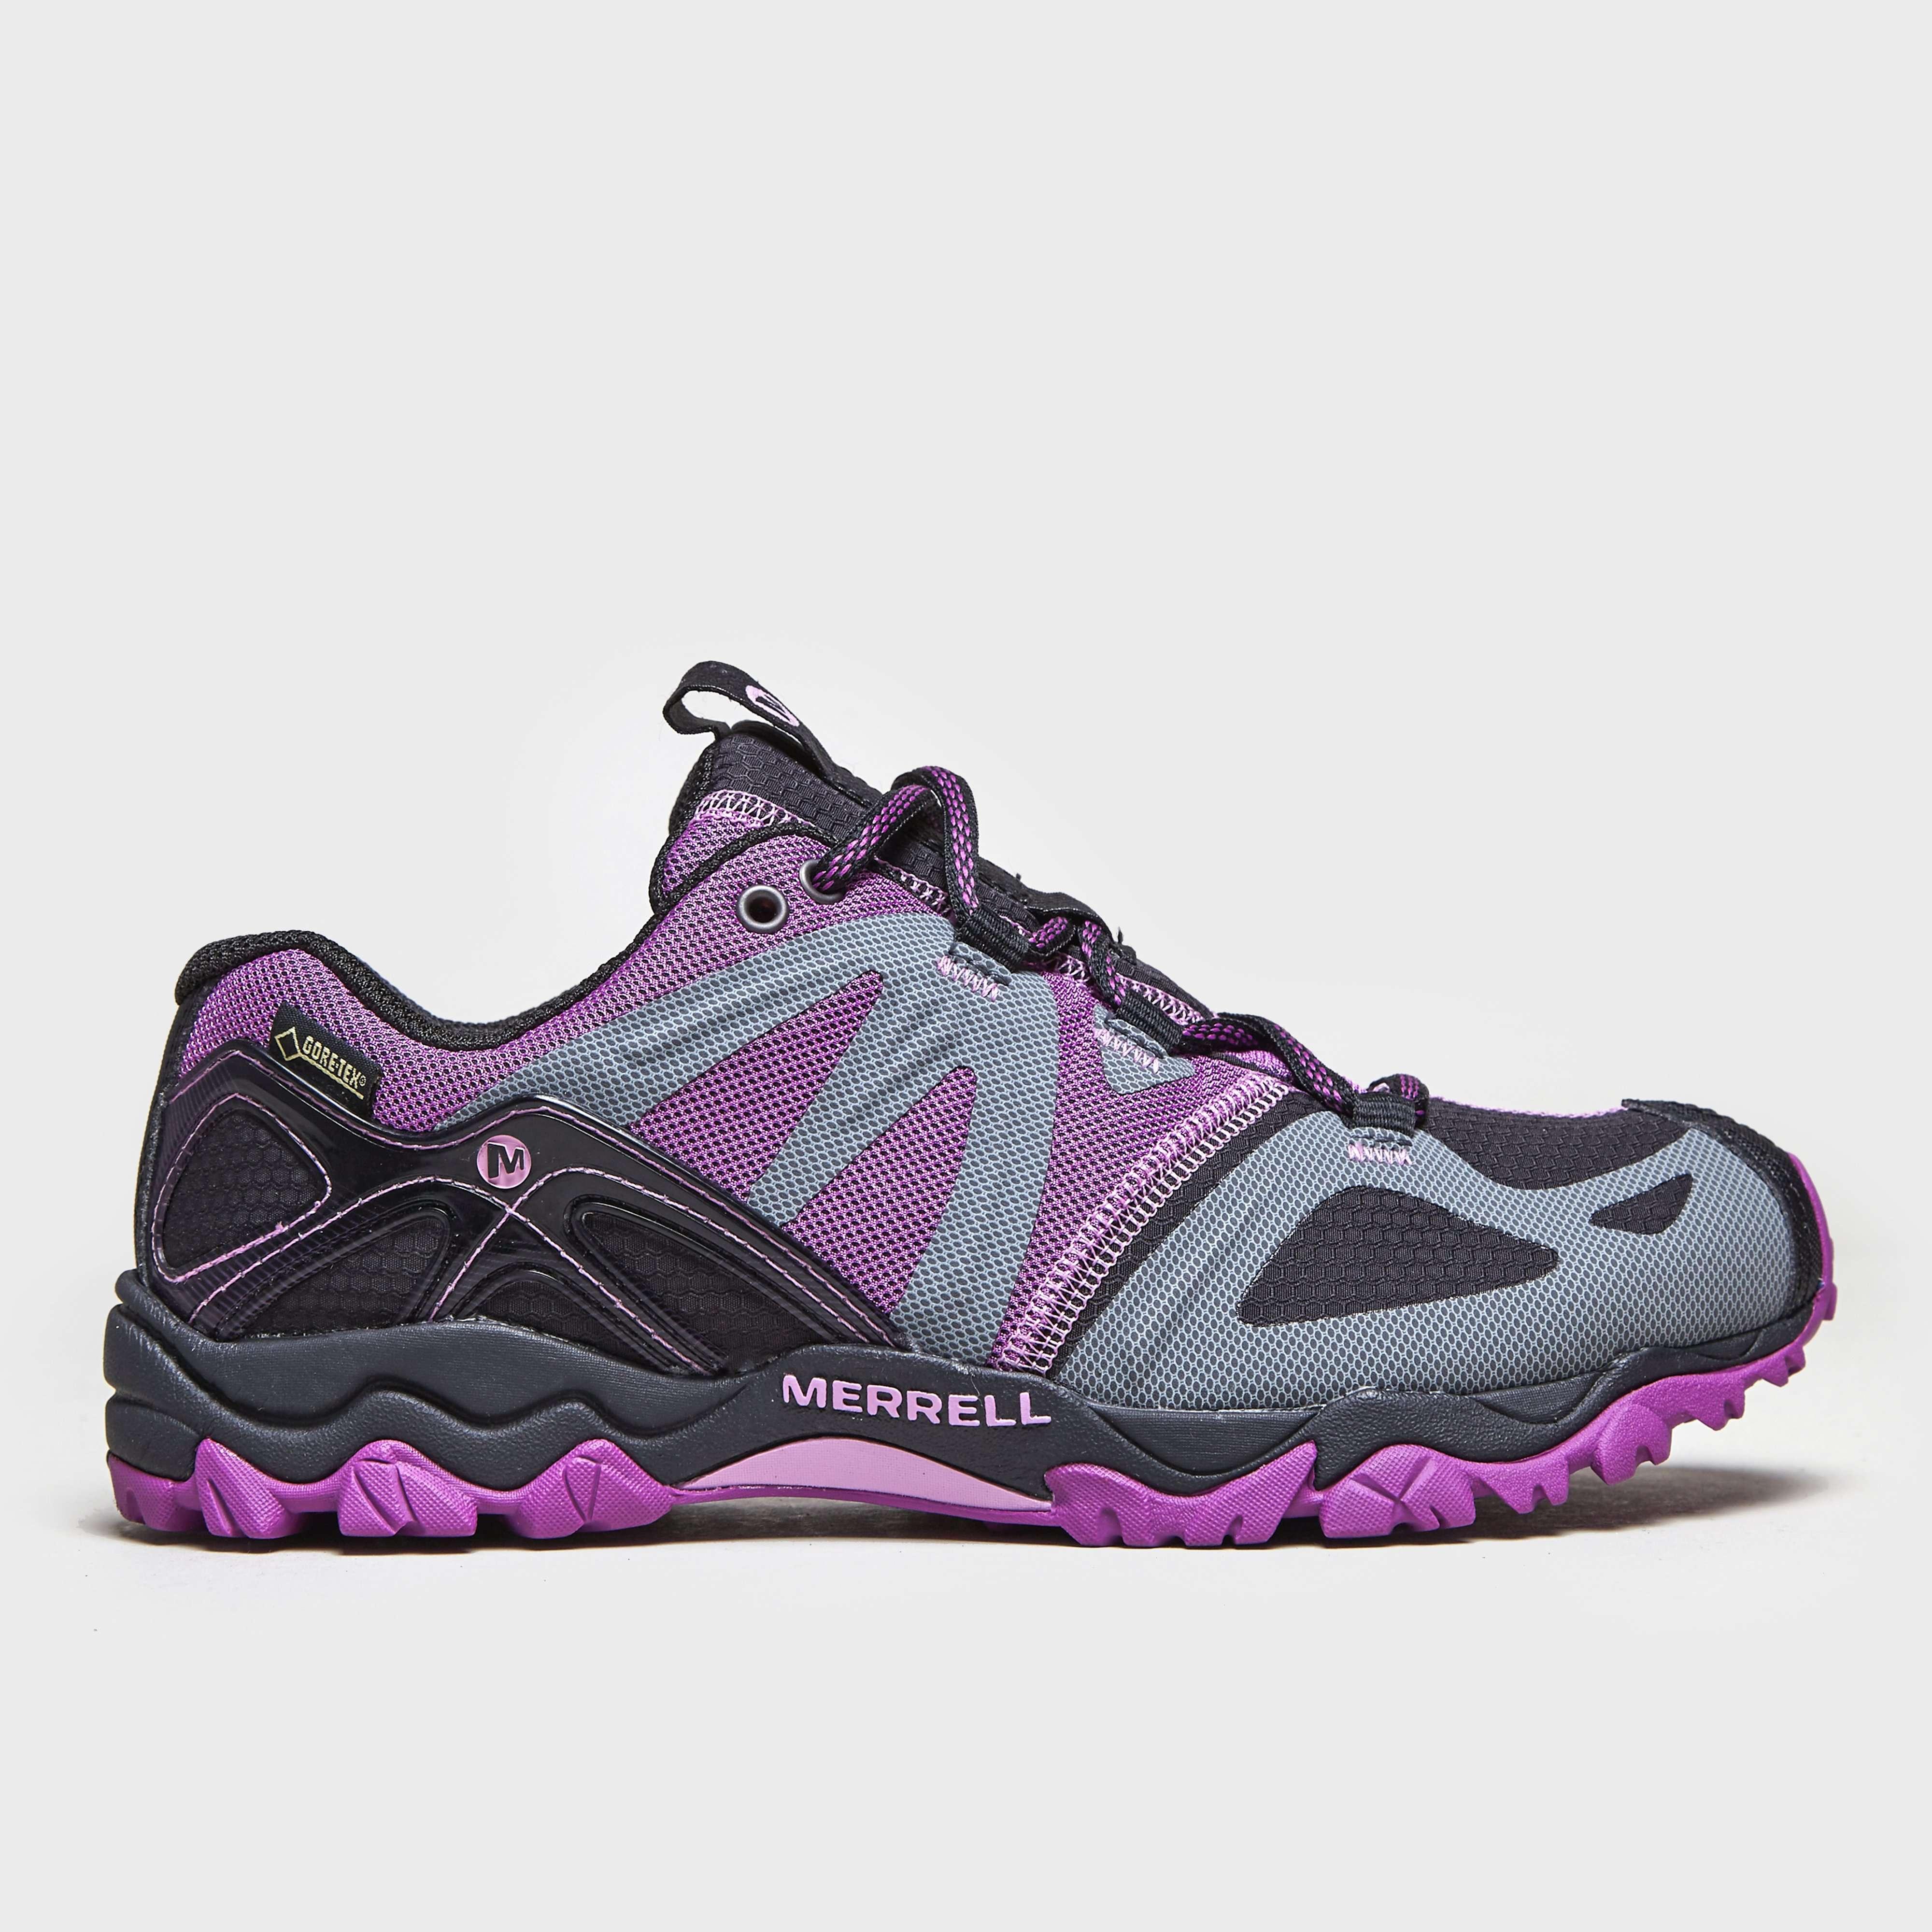 MERRELL Women's Grassbow Sport GORE-TEX® Shoes